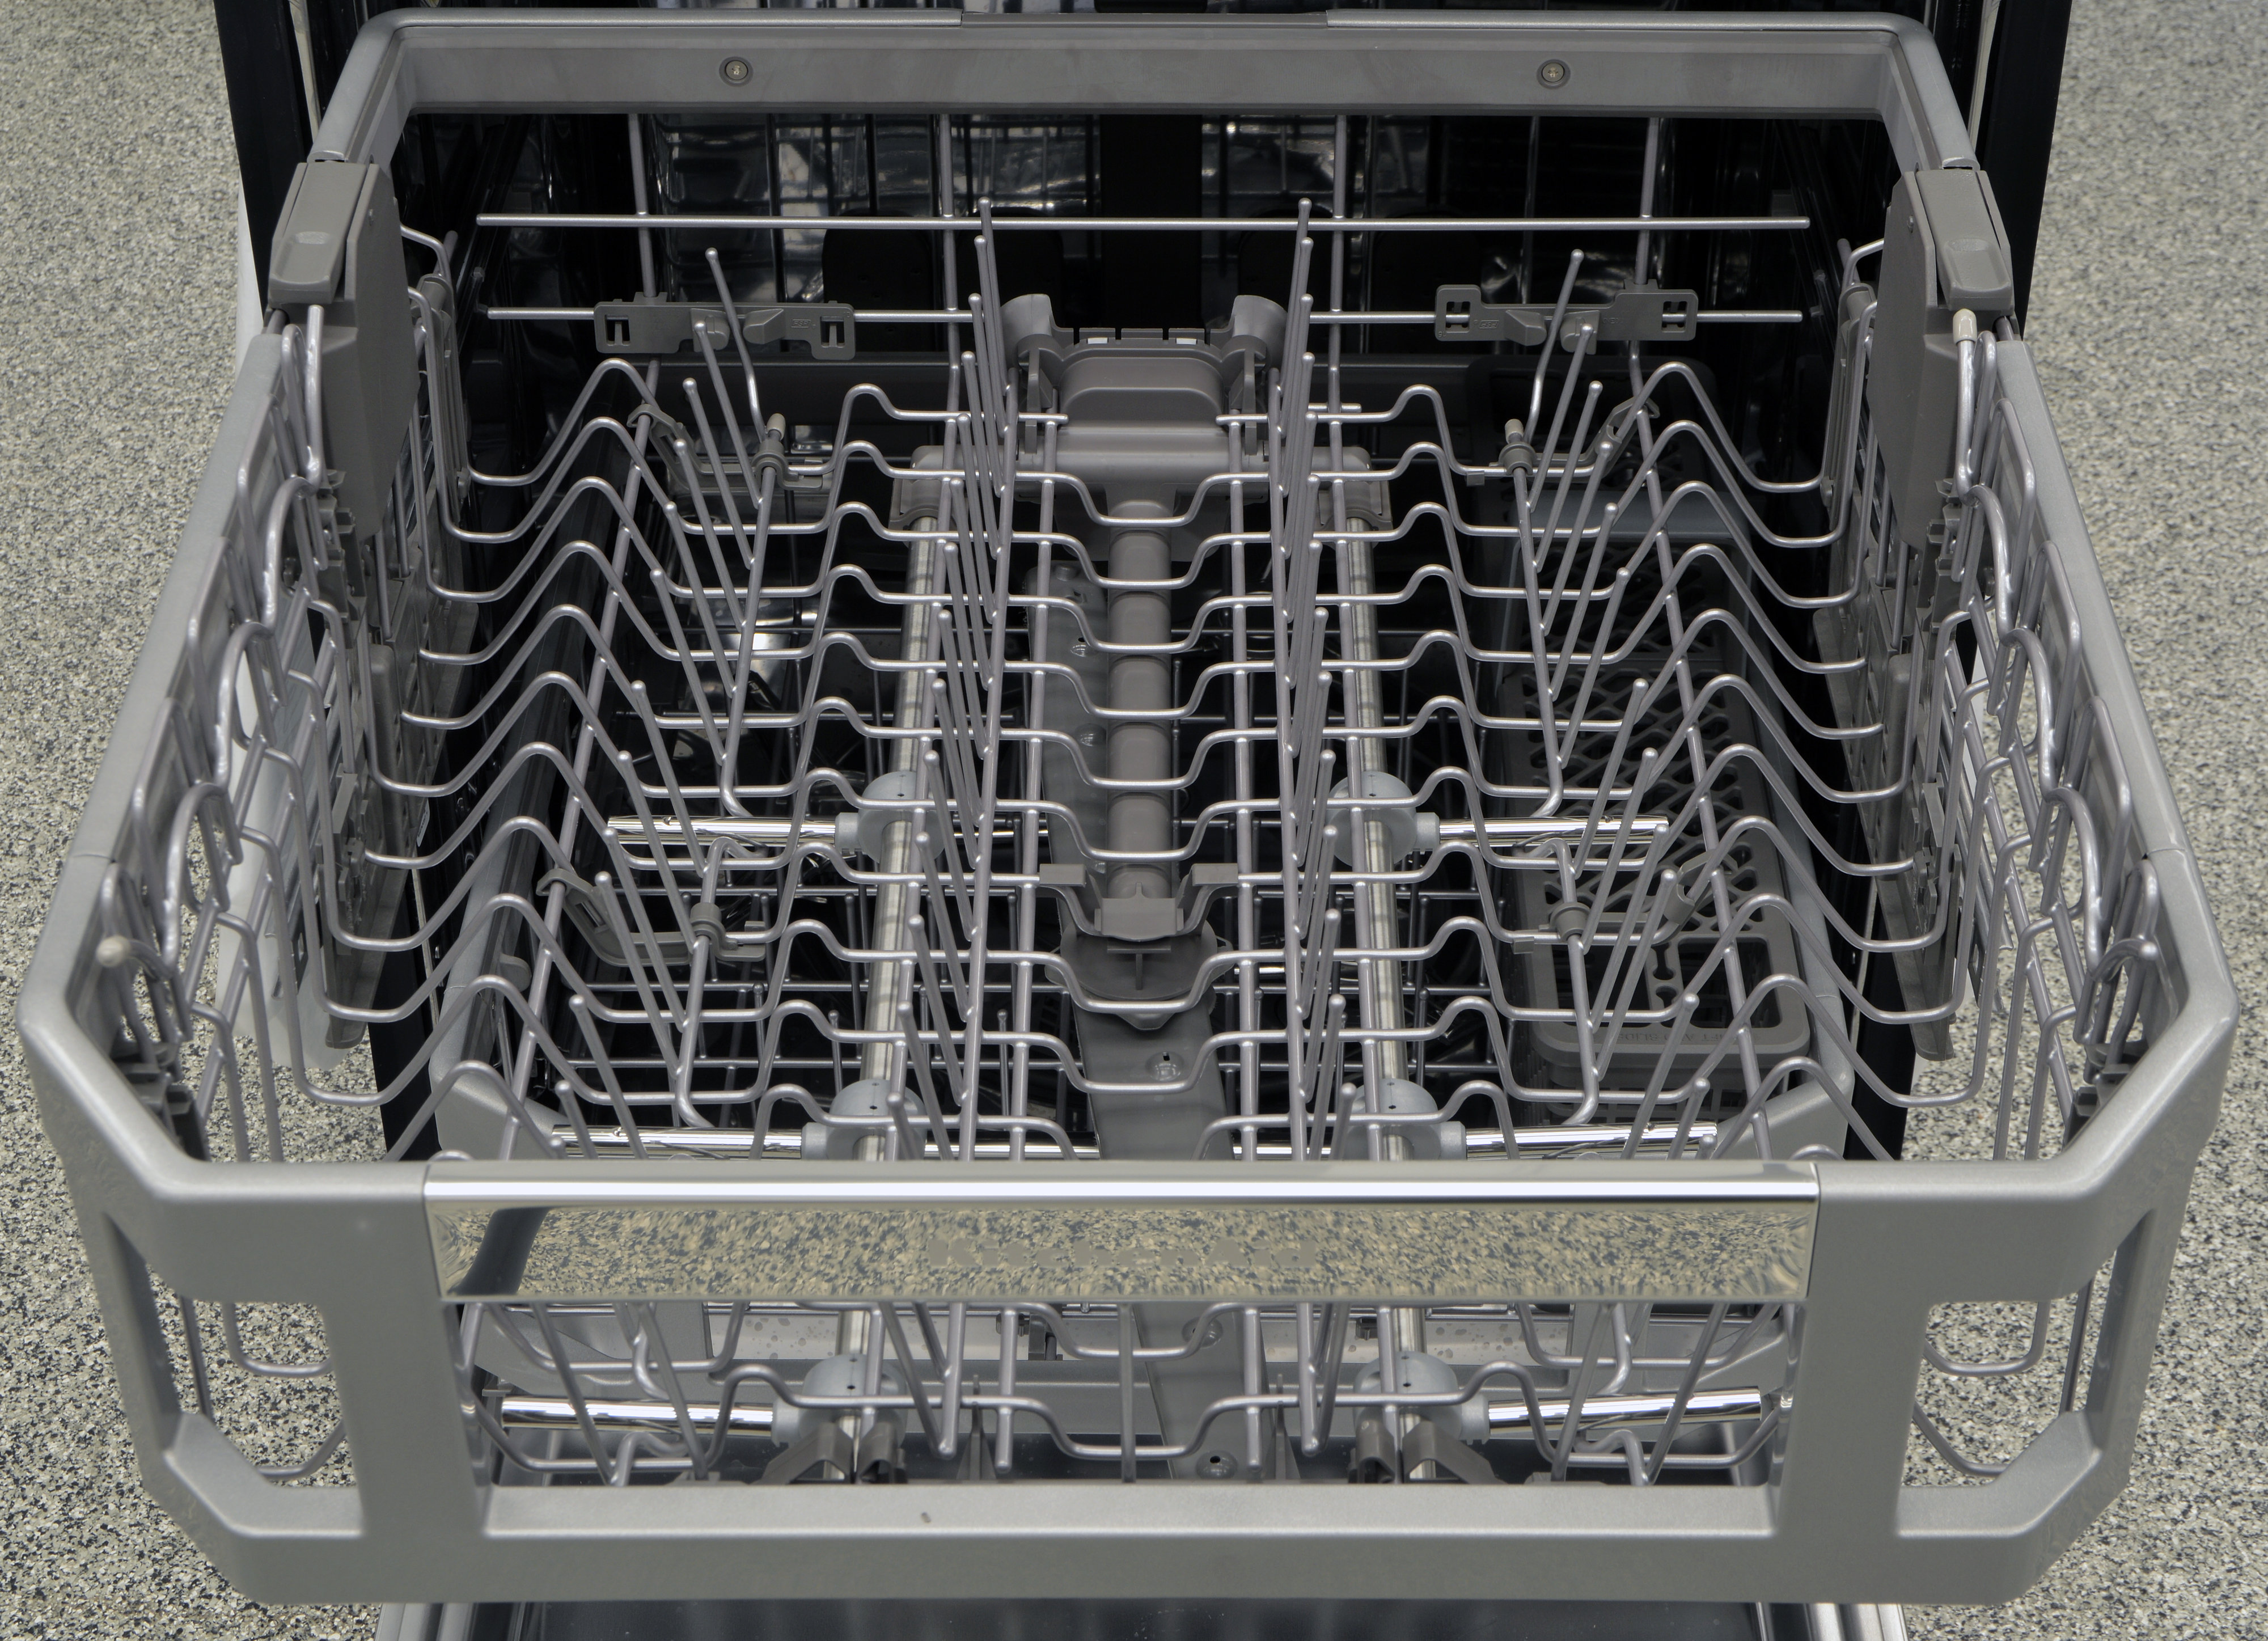 See Through Dishwasher Kitchenaid Kdtm804ess Dishwasher Review Reviewedcom Dishwashers